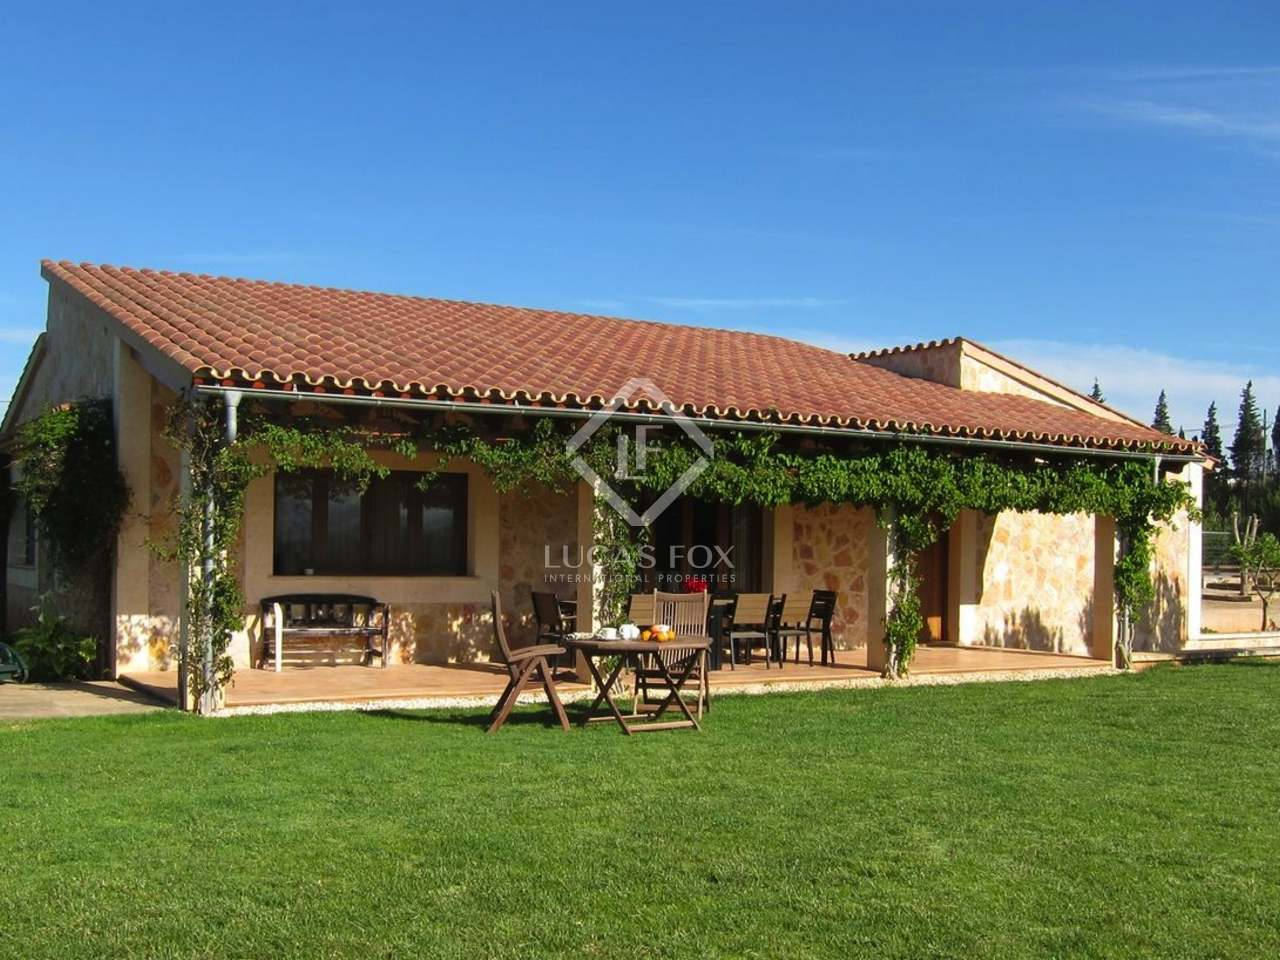 Casa rural en venta cerca de muro en el norte de mallorca for Cerrar valla jardin